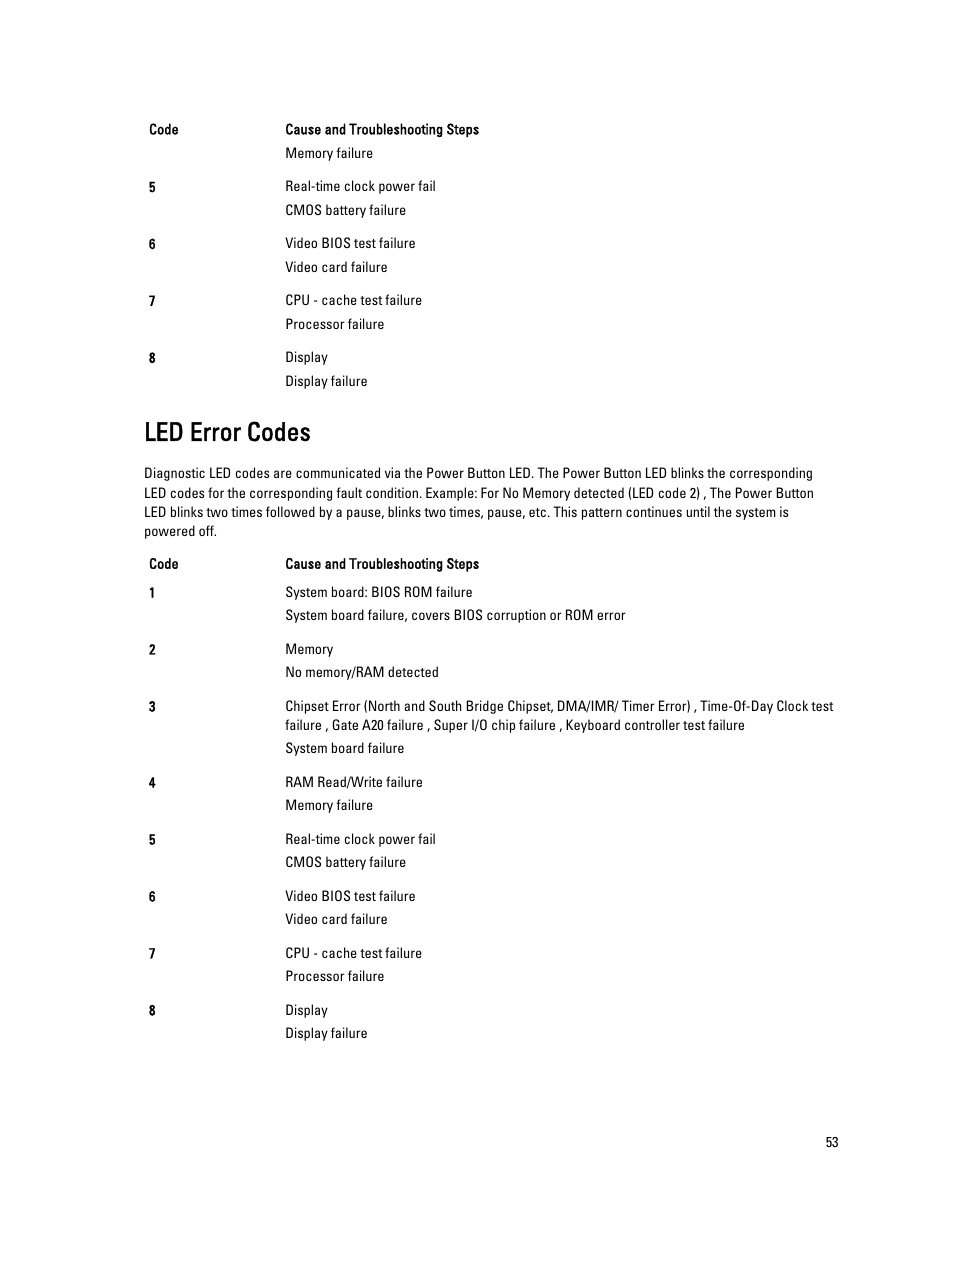 Led error codes   Dell Latitude 6430u (Late 2012) User